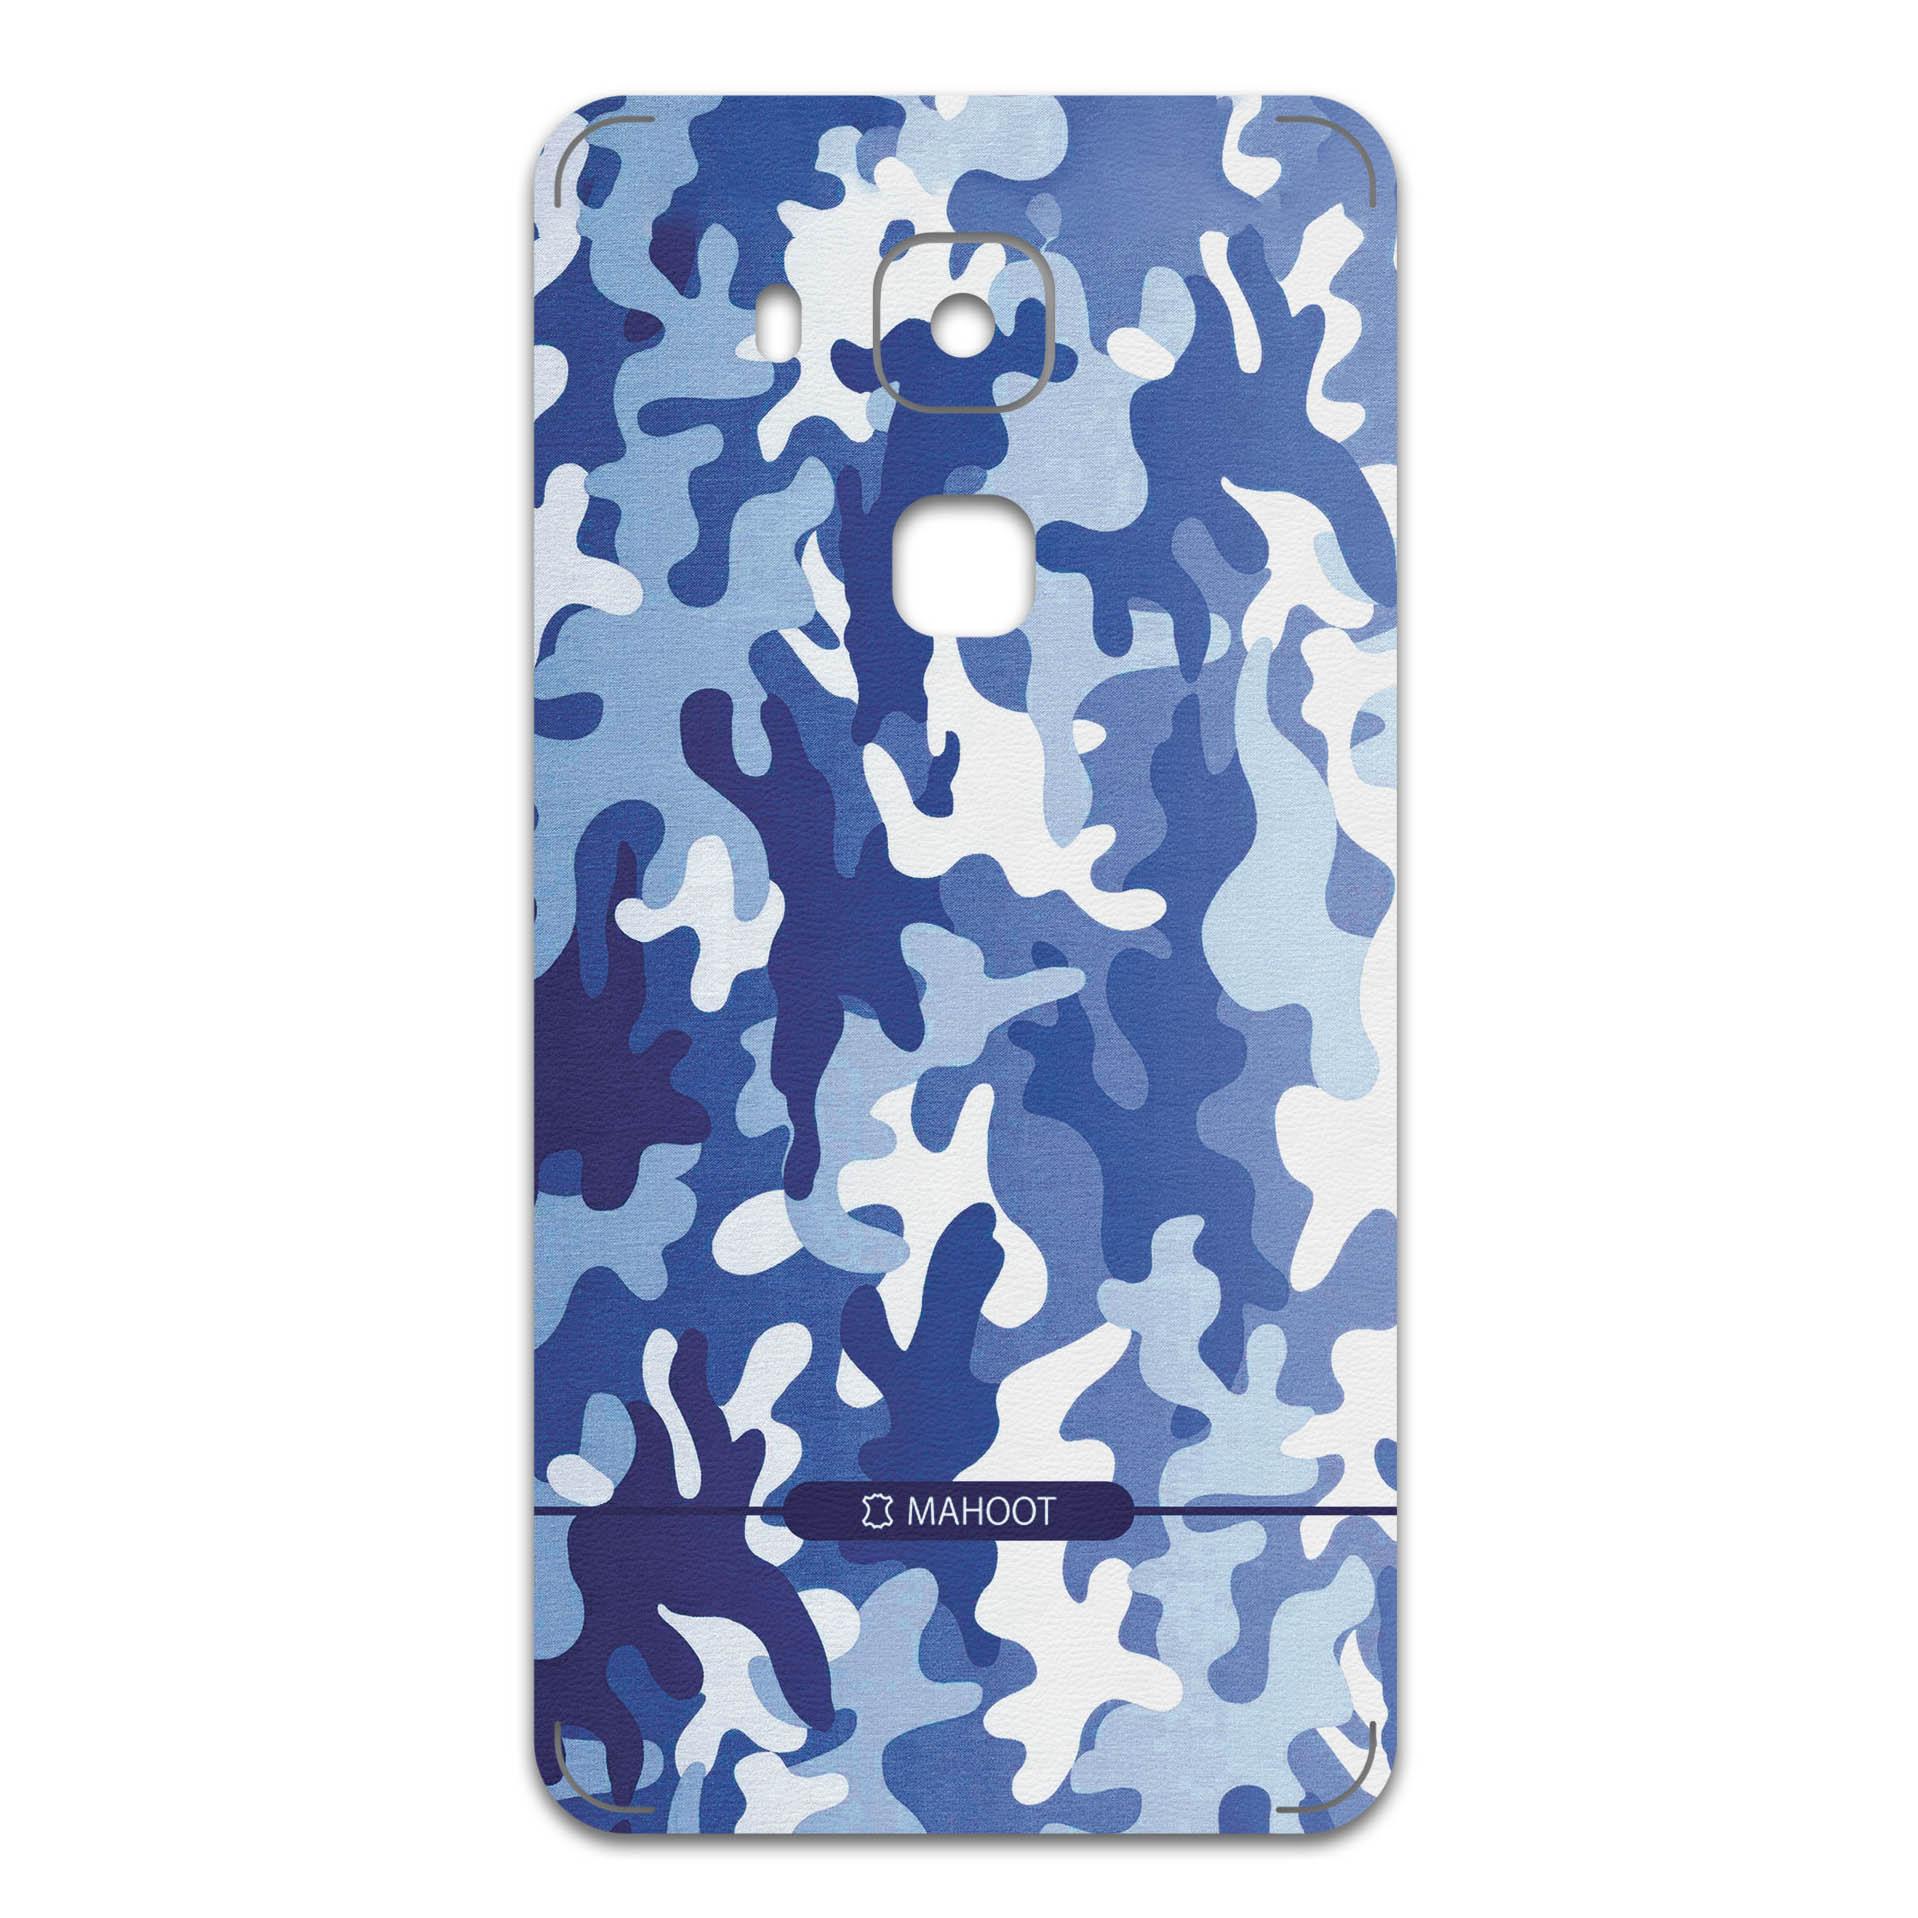 برچسب پوششی ماهوت مدل Army-Winter مناسب برای گوشی موبایل هوآوی Nova Plus